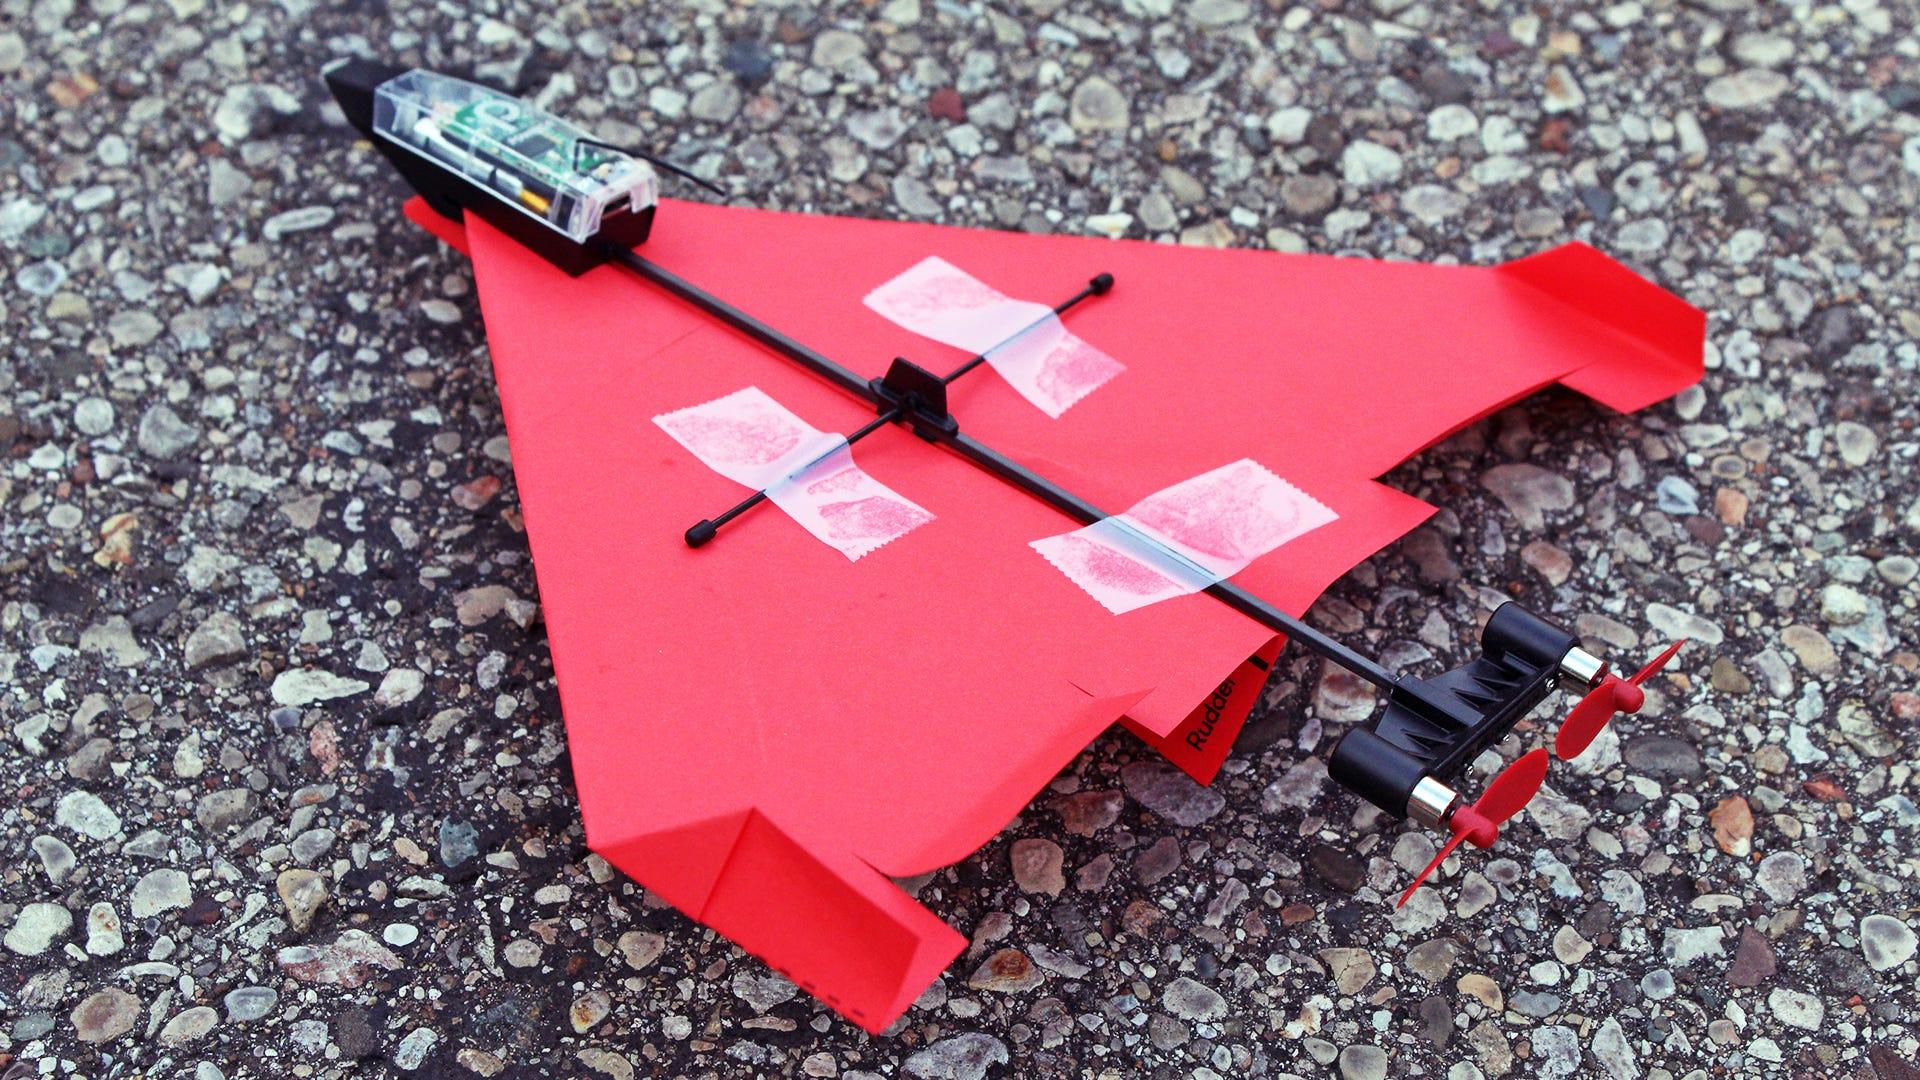 يتم توصيل طائرة ورقية بطائرة بدون طيار مثل طائرة التحكم عن بعد.